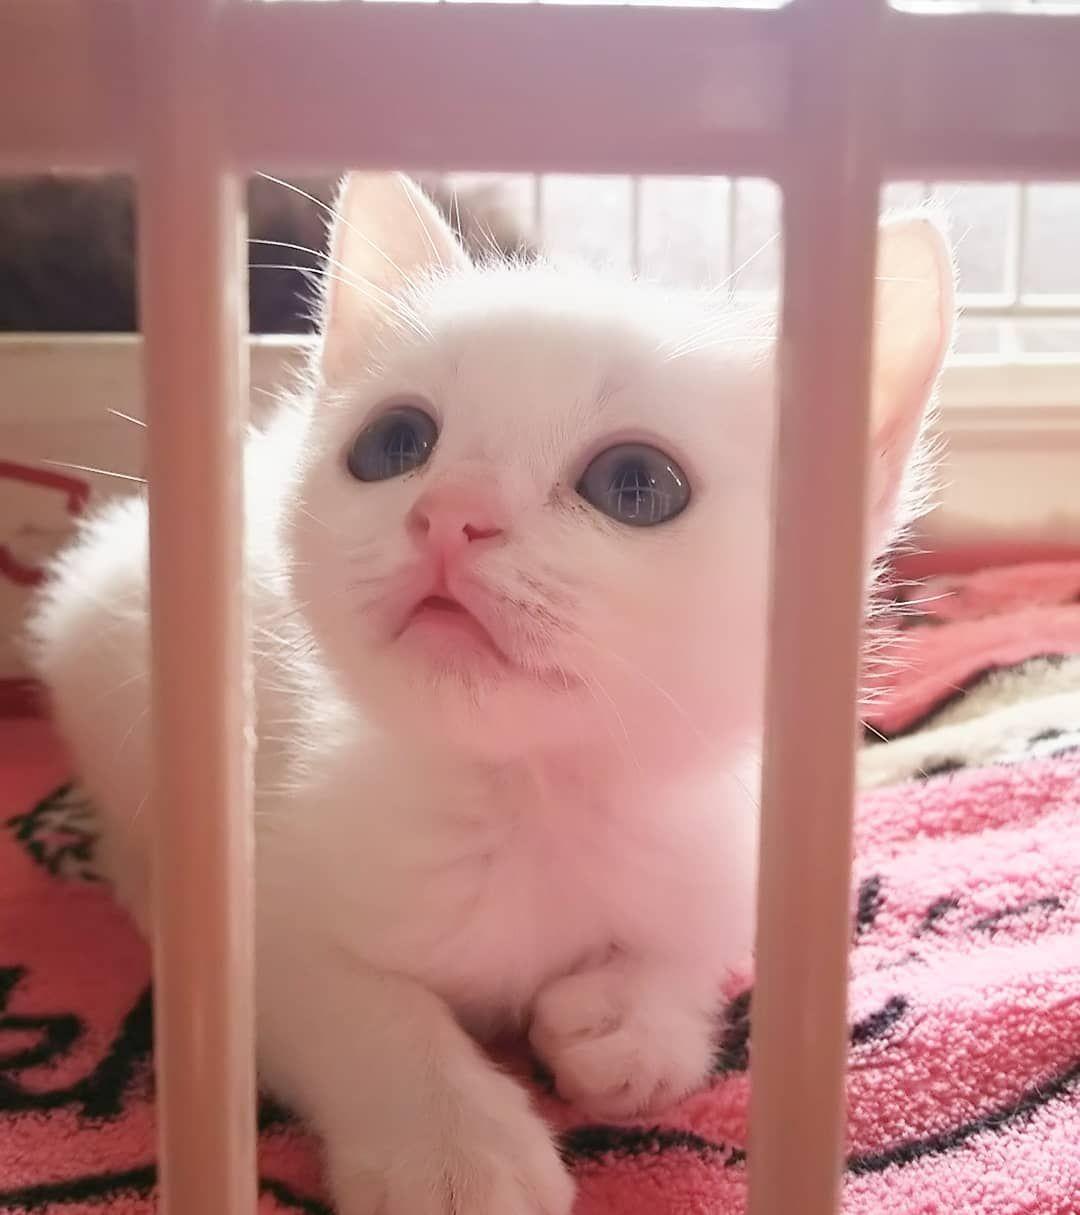 そらのしっぽ 猫守 On Instagram ナリちゃん 白猫こねこ 里親募集中 保護猫を家族に 命のバトン そらのしっぽ 姶良市加治木町ソレイユタウン近く 自宅開放型のお店 完全予約制 猫と本と優しい時間 保護猫サポーター さくらねこ 幸せ猫 幸せ Cats